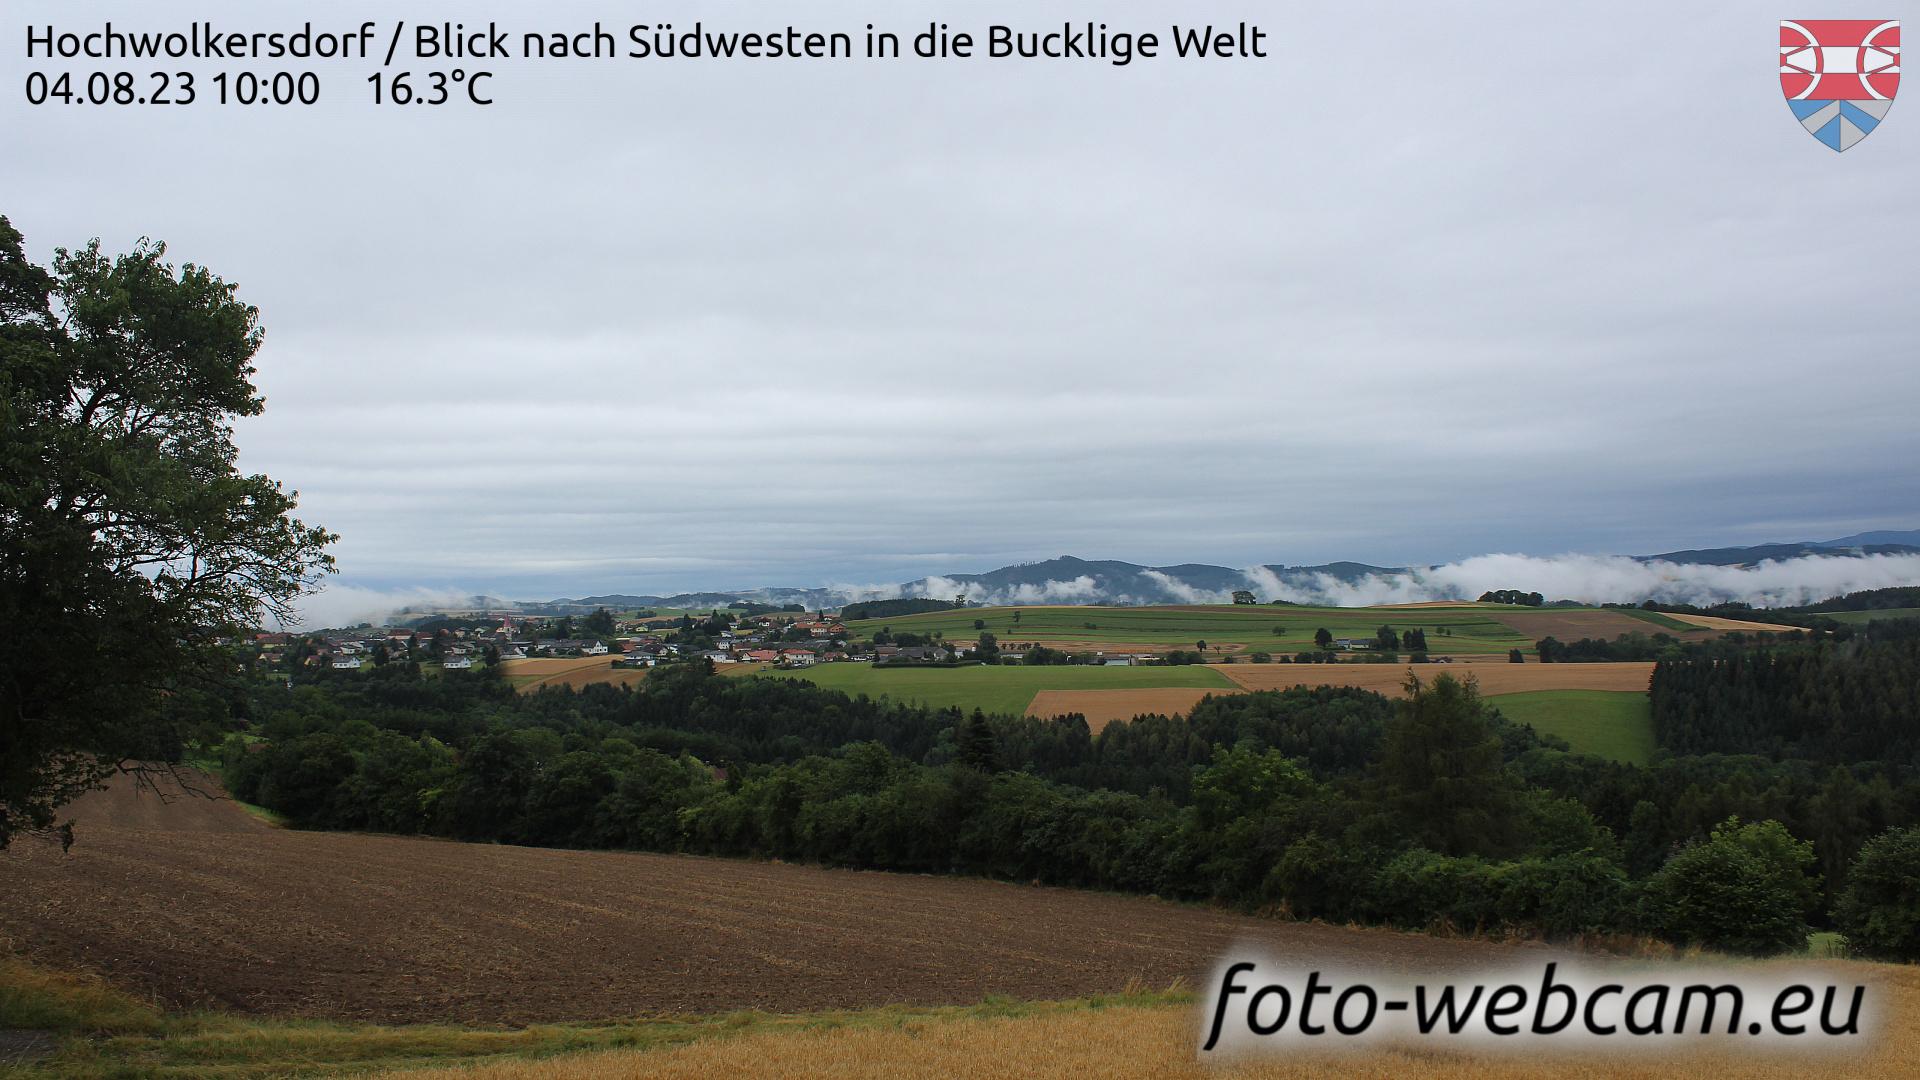 Hochwolkersdorf Wed. 10:09